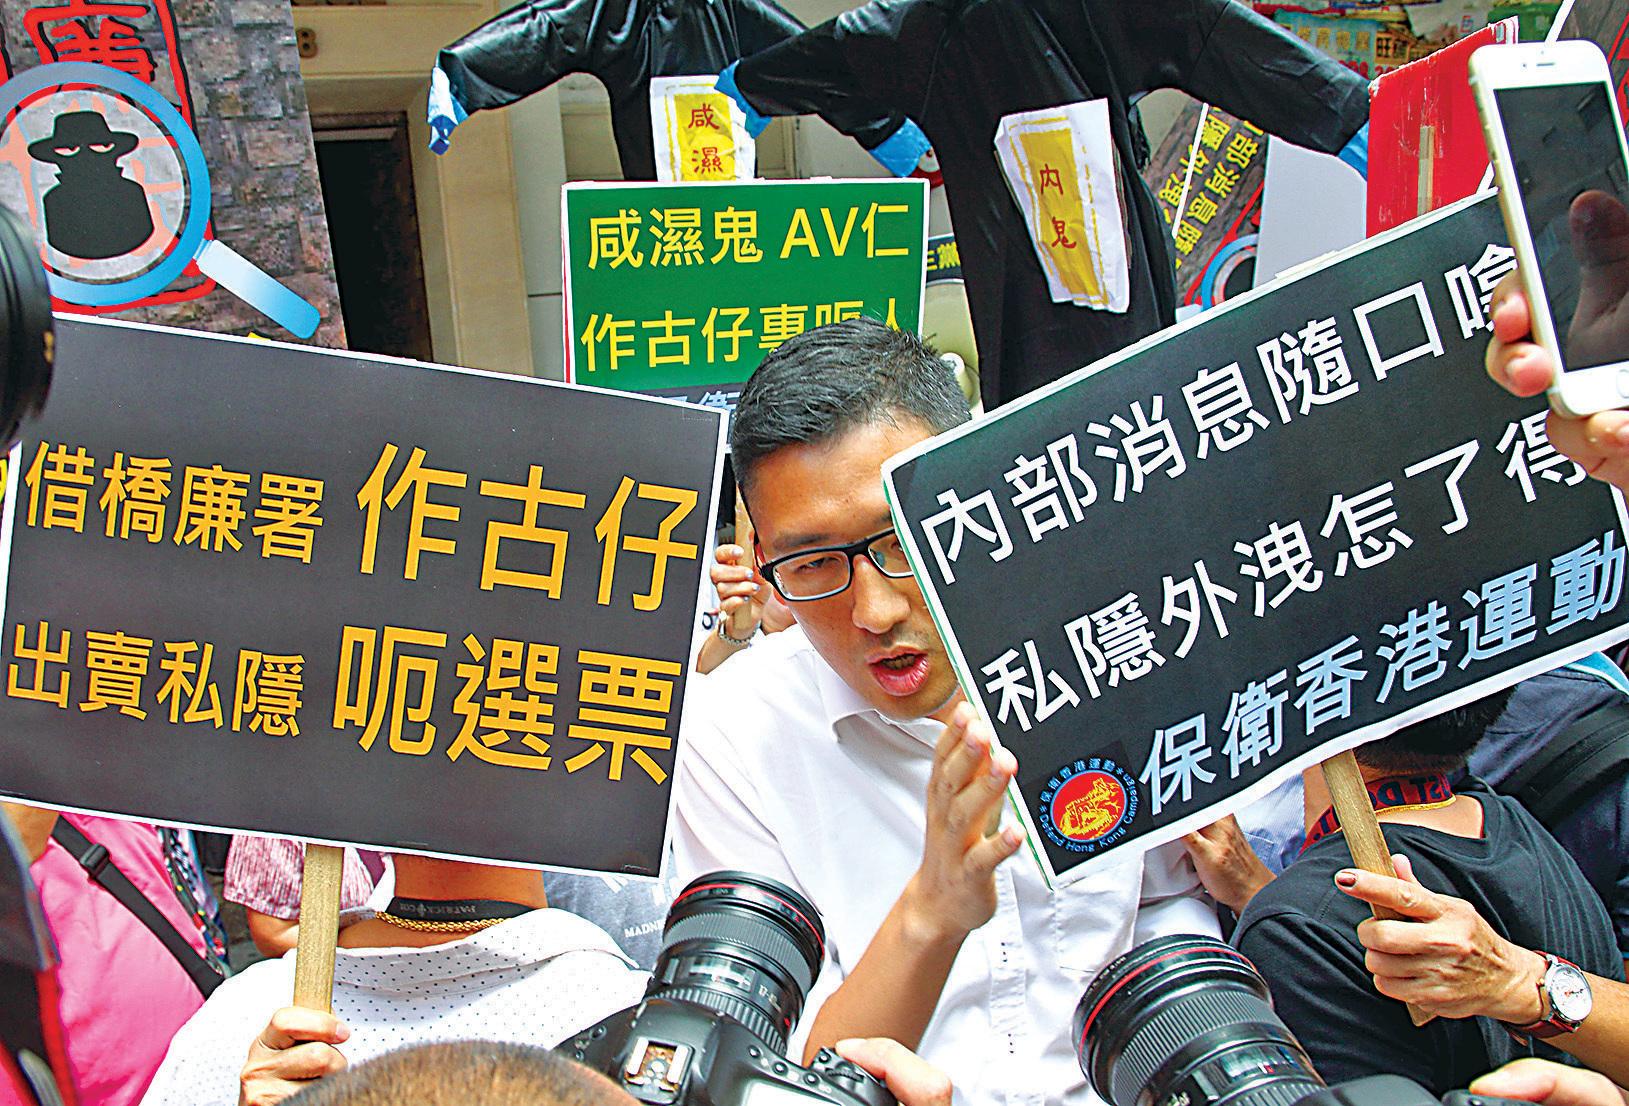 愛字頭組織「保衛香港運動」8月23日率眾到民主黨總部外示威,又追擊該黨新界東候選人林卓廷。(大紀元資料圖片)